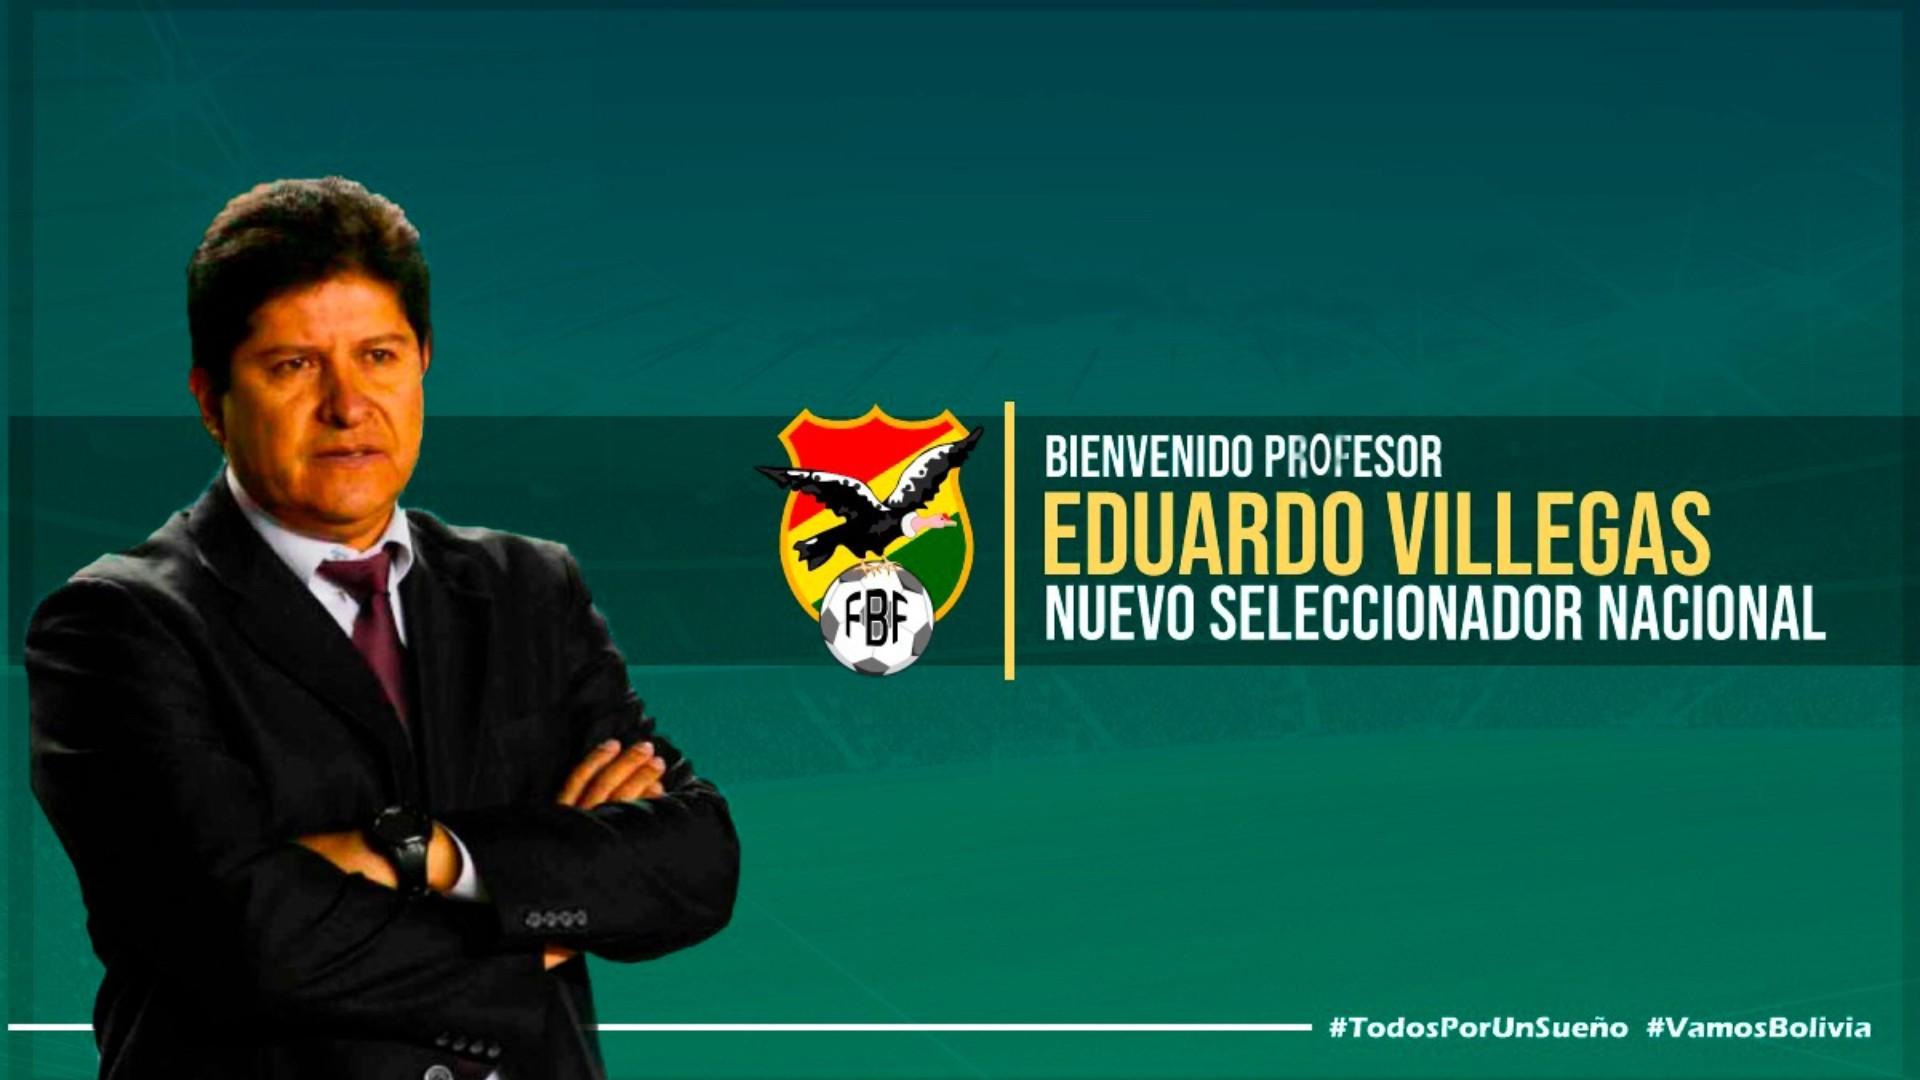 clamor-popular-e-atendido-e-villegas-assume-a-selecao-da-bolivia-Futebol-Latino-15-01